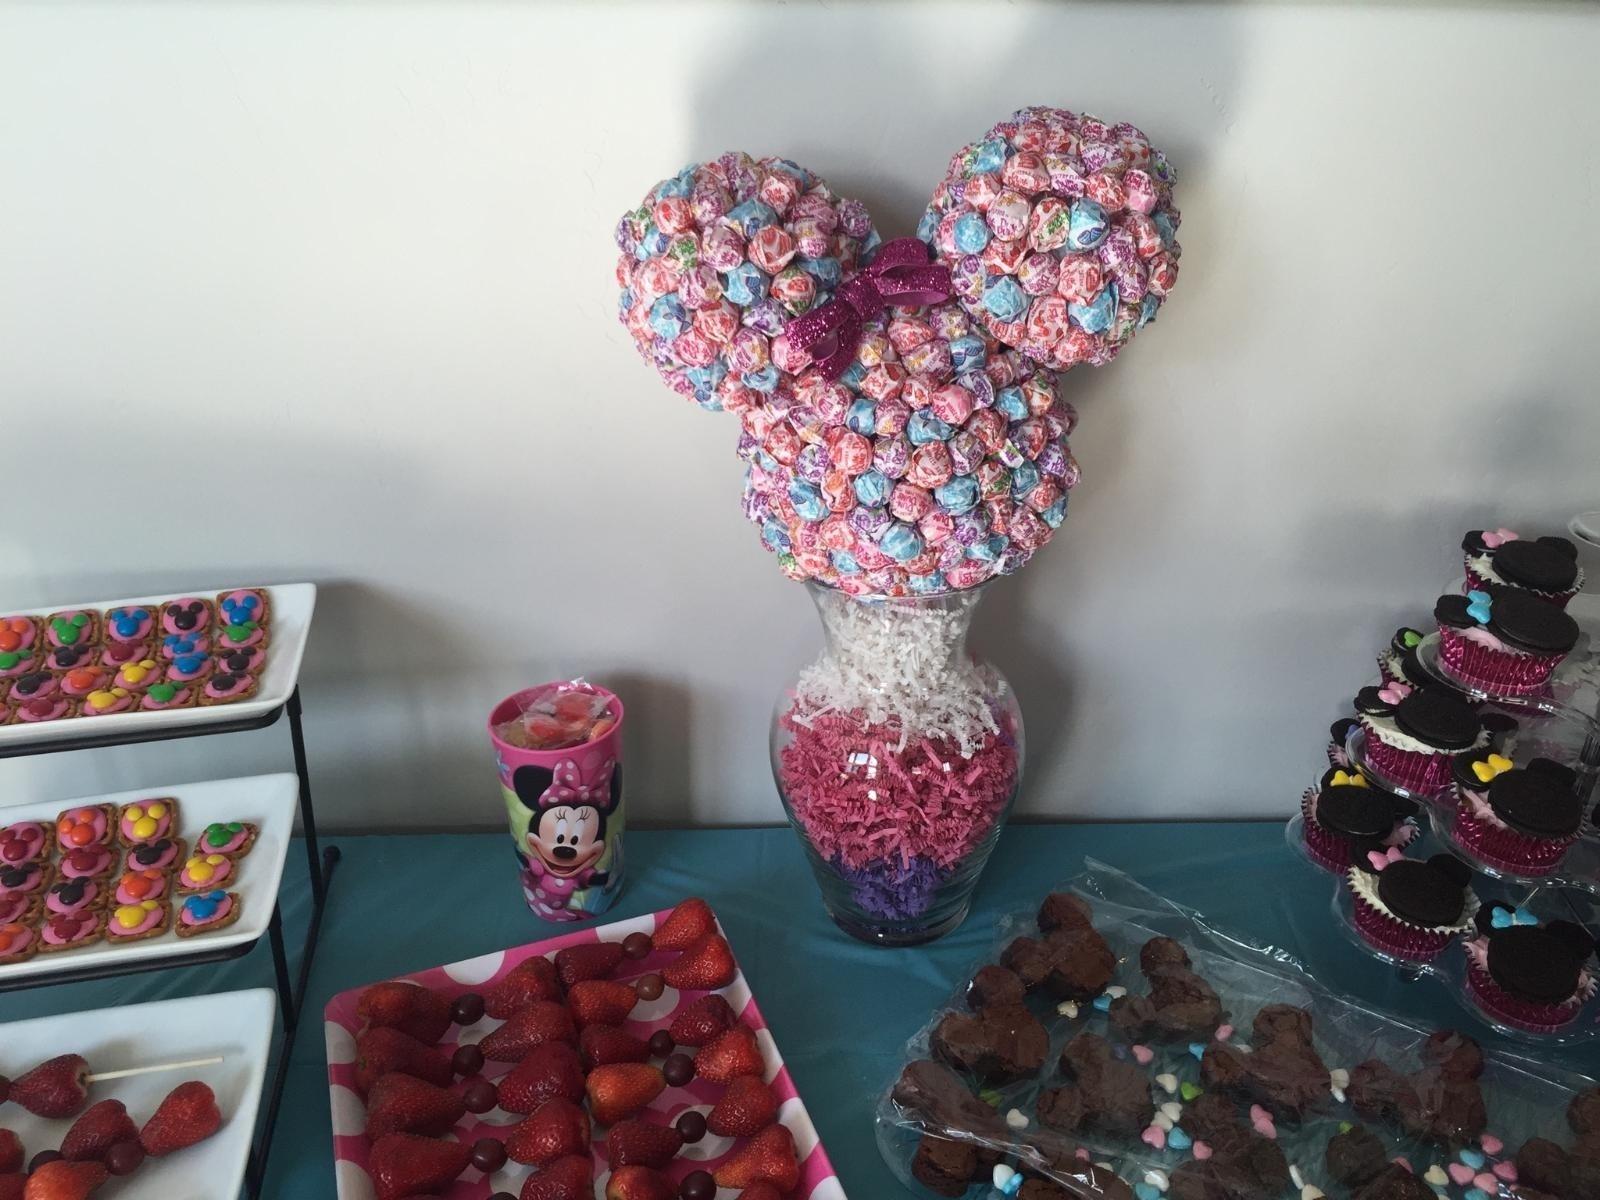 10 Wonderful Minnie Mouse Bowtique Party Ideas berries of wisdom minnie mouse bow tique party 2020